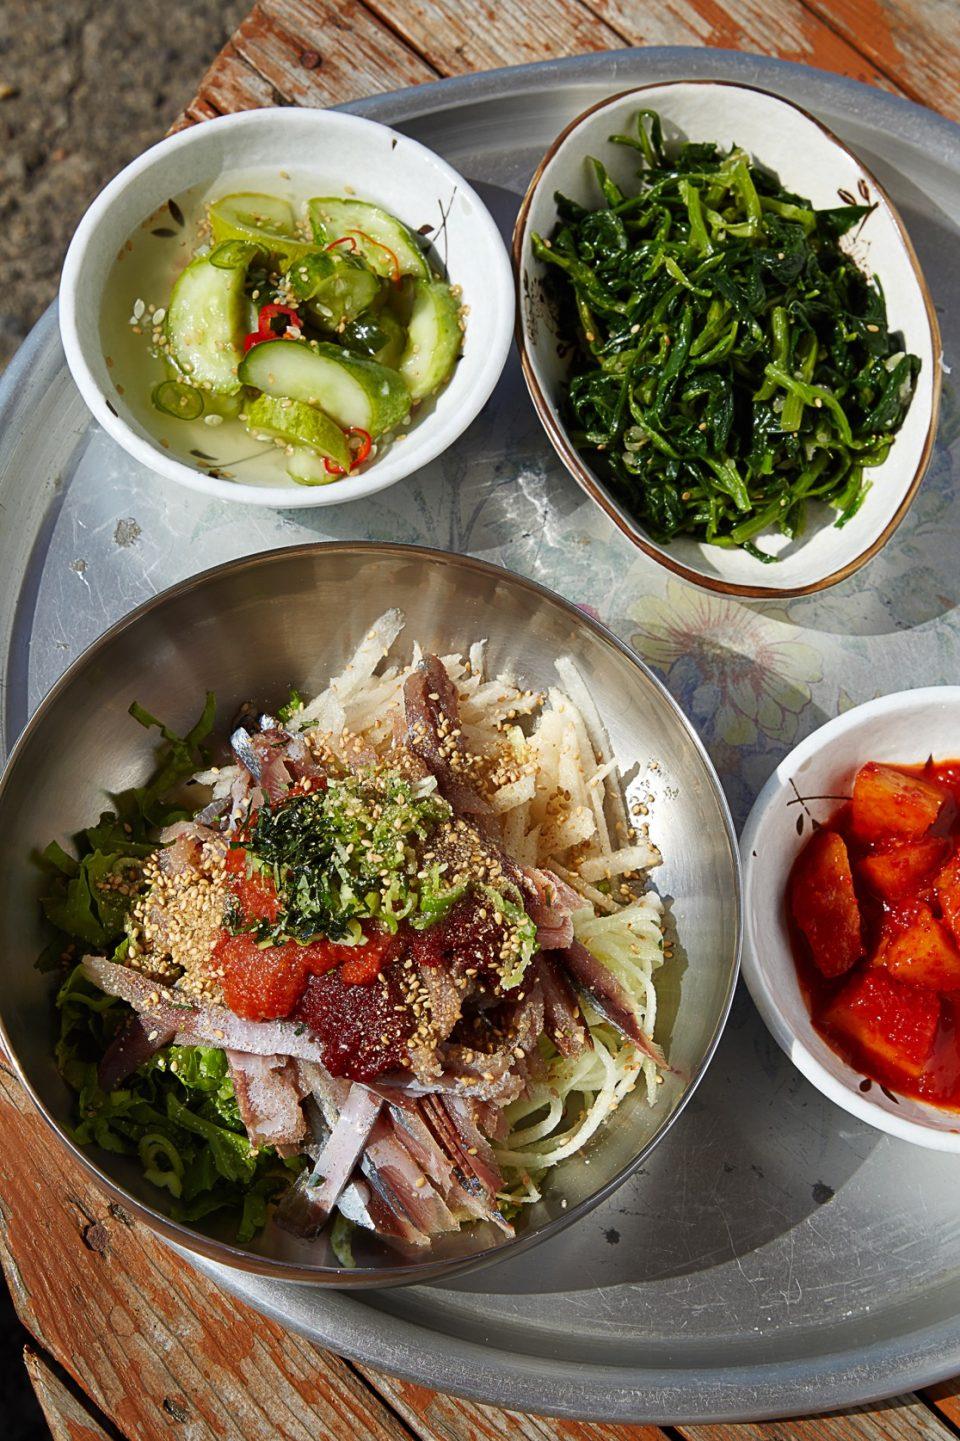 만광식당의 꽁치물회. 된장과 산초 가루를 넣어 꽁치의 비린 맛을 잡았다. 해산물이 싱싱한 울릉도에서만 먹을 수 있는 별미다.